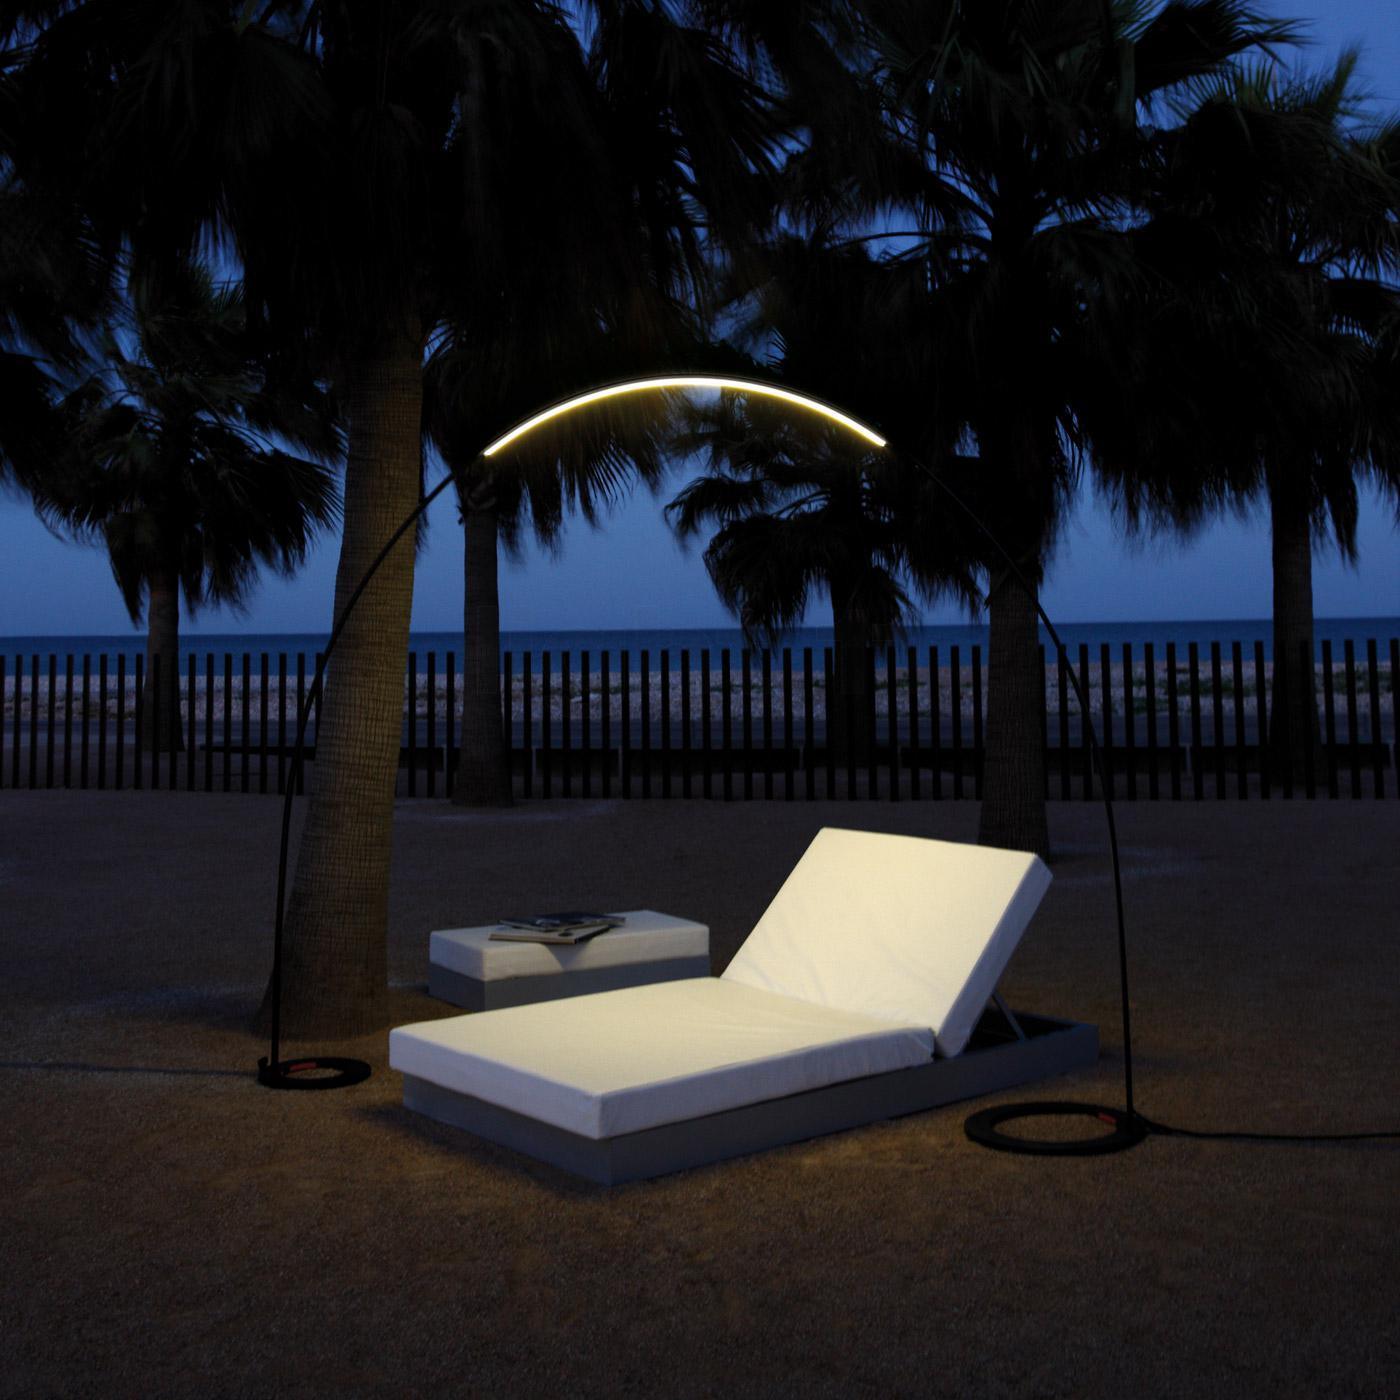 Decoraci n y descanso iluminacion led para exteriores Iluminacion decorativa para exteriores